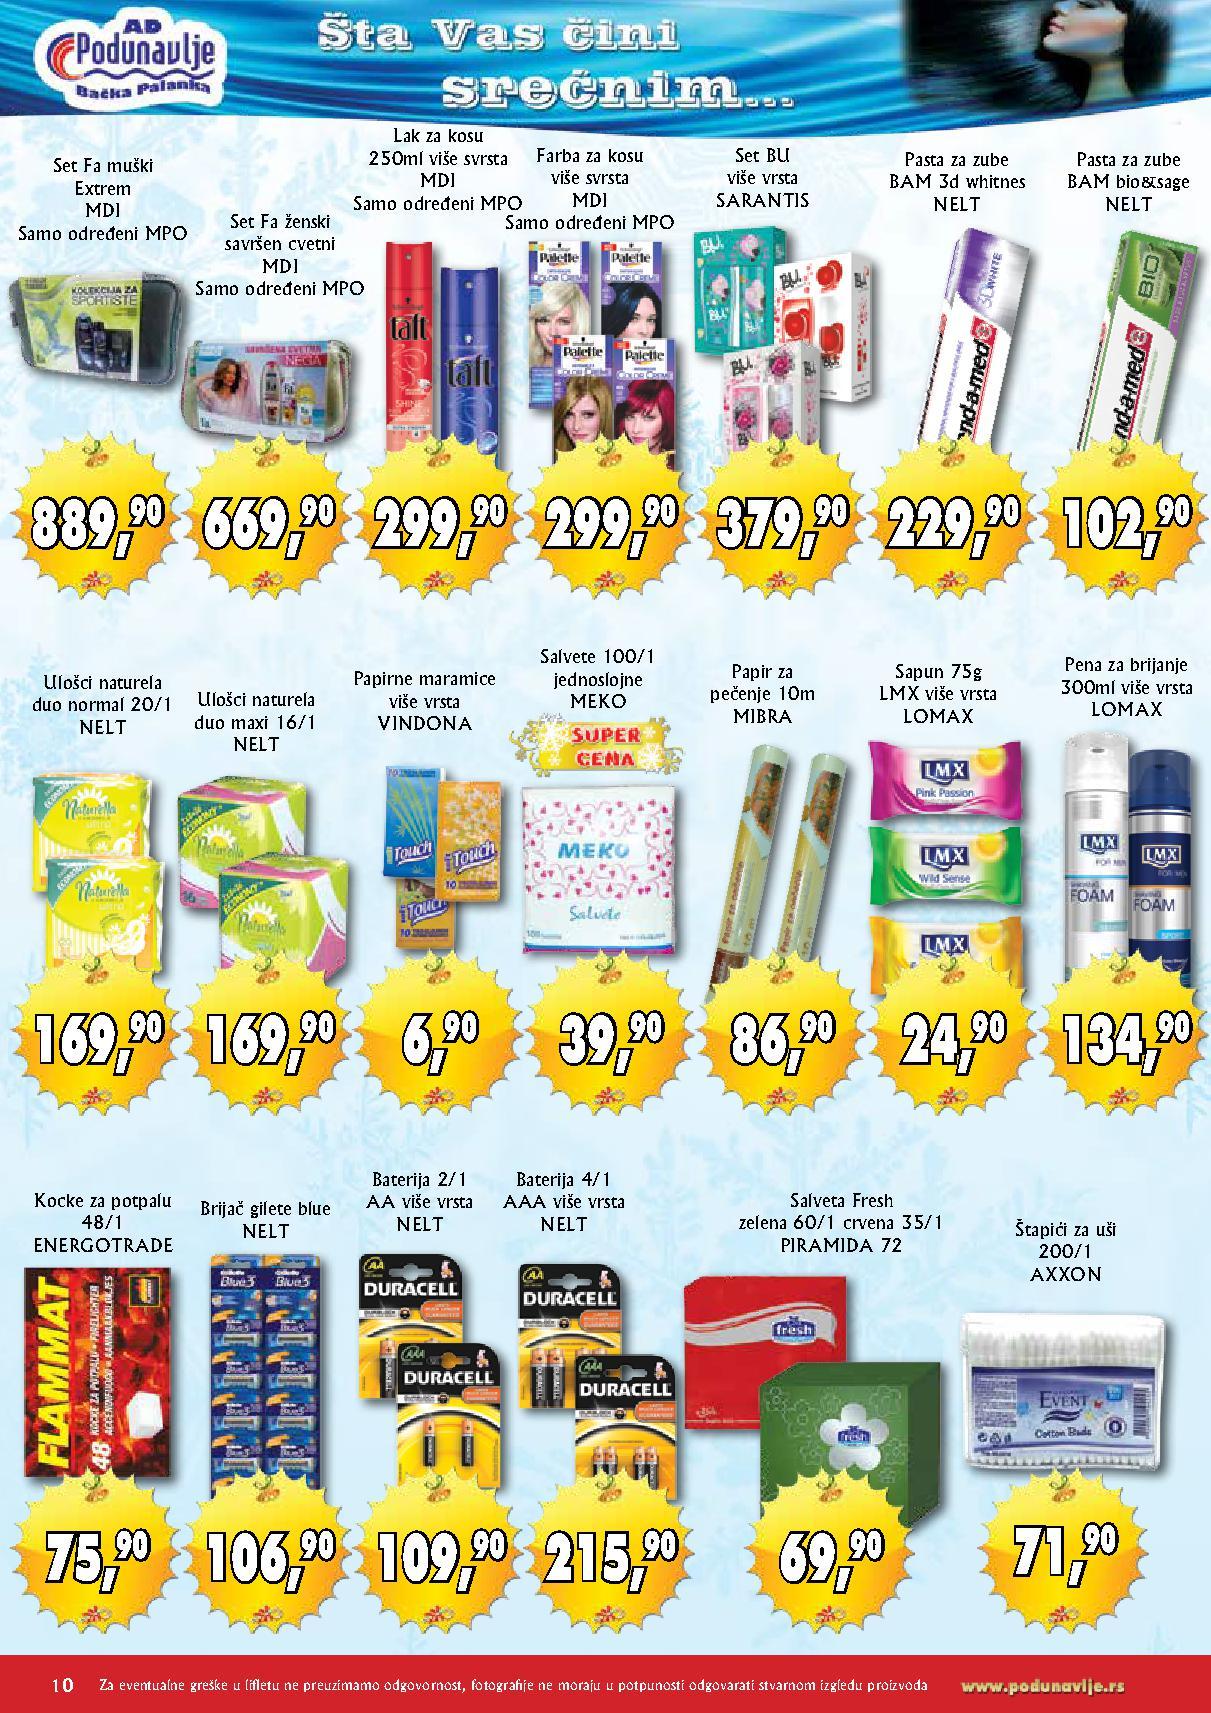 AD Podunavlje akcija novogodišnje kupovine